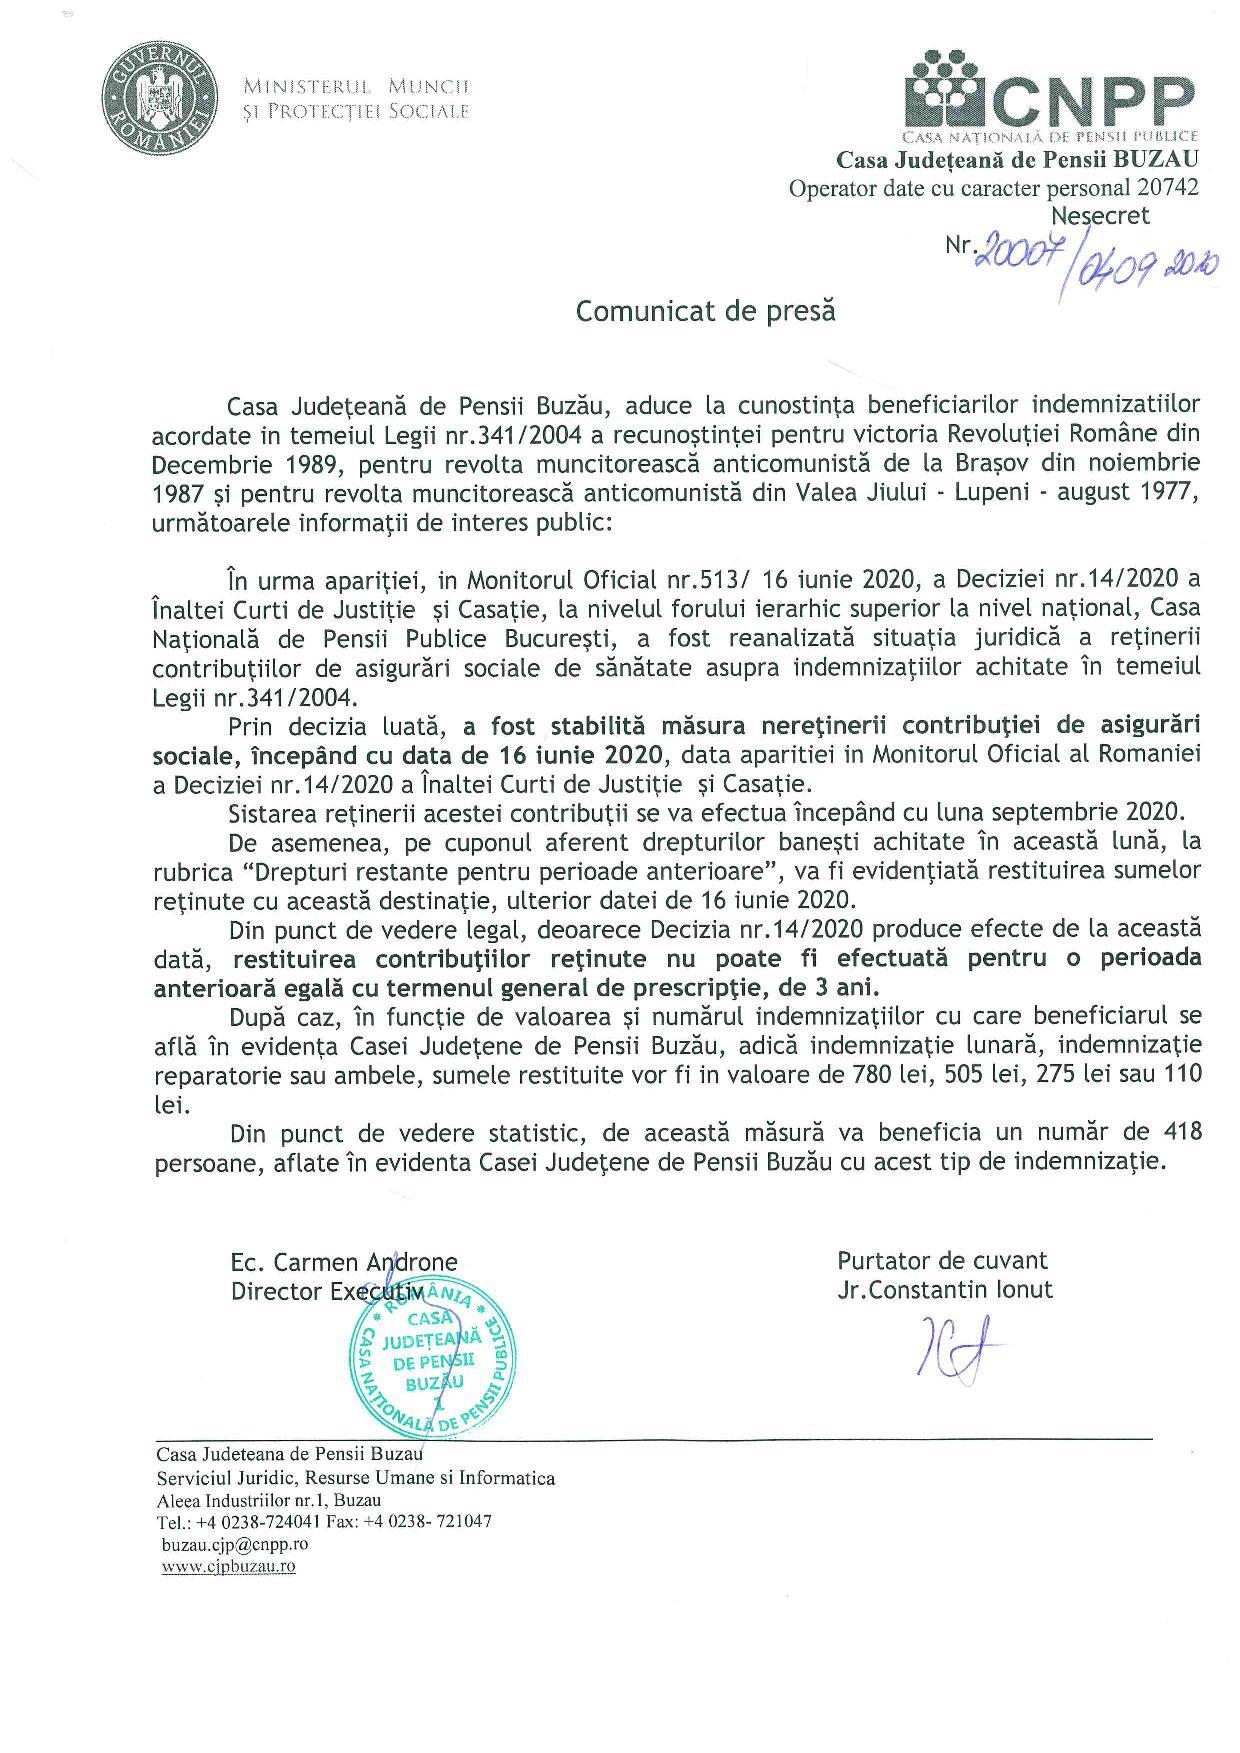 Comunicat de presa Neretinere si restituire CASS asupra indemnizatiilor prevazute de Legea nr.3412004 page 001